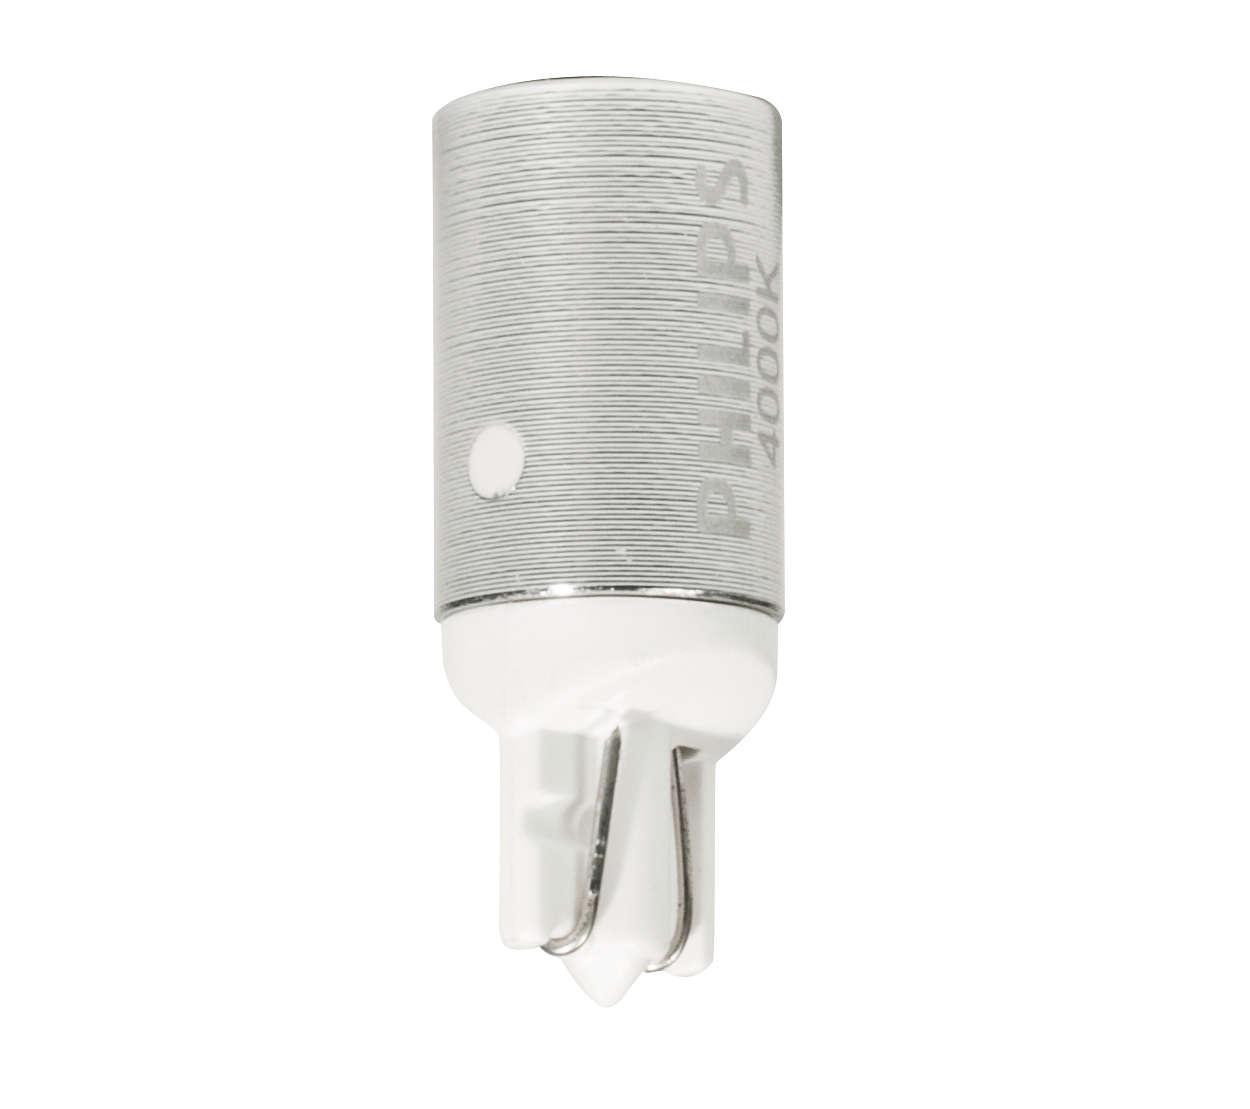 Další generace žárovek LED T10 pro dodatečnou instalaci